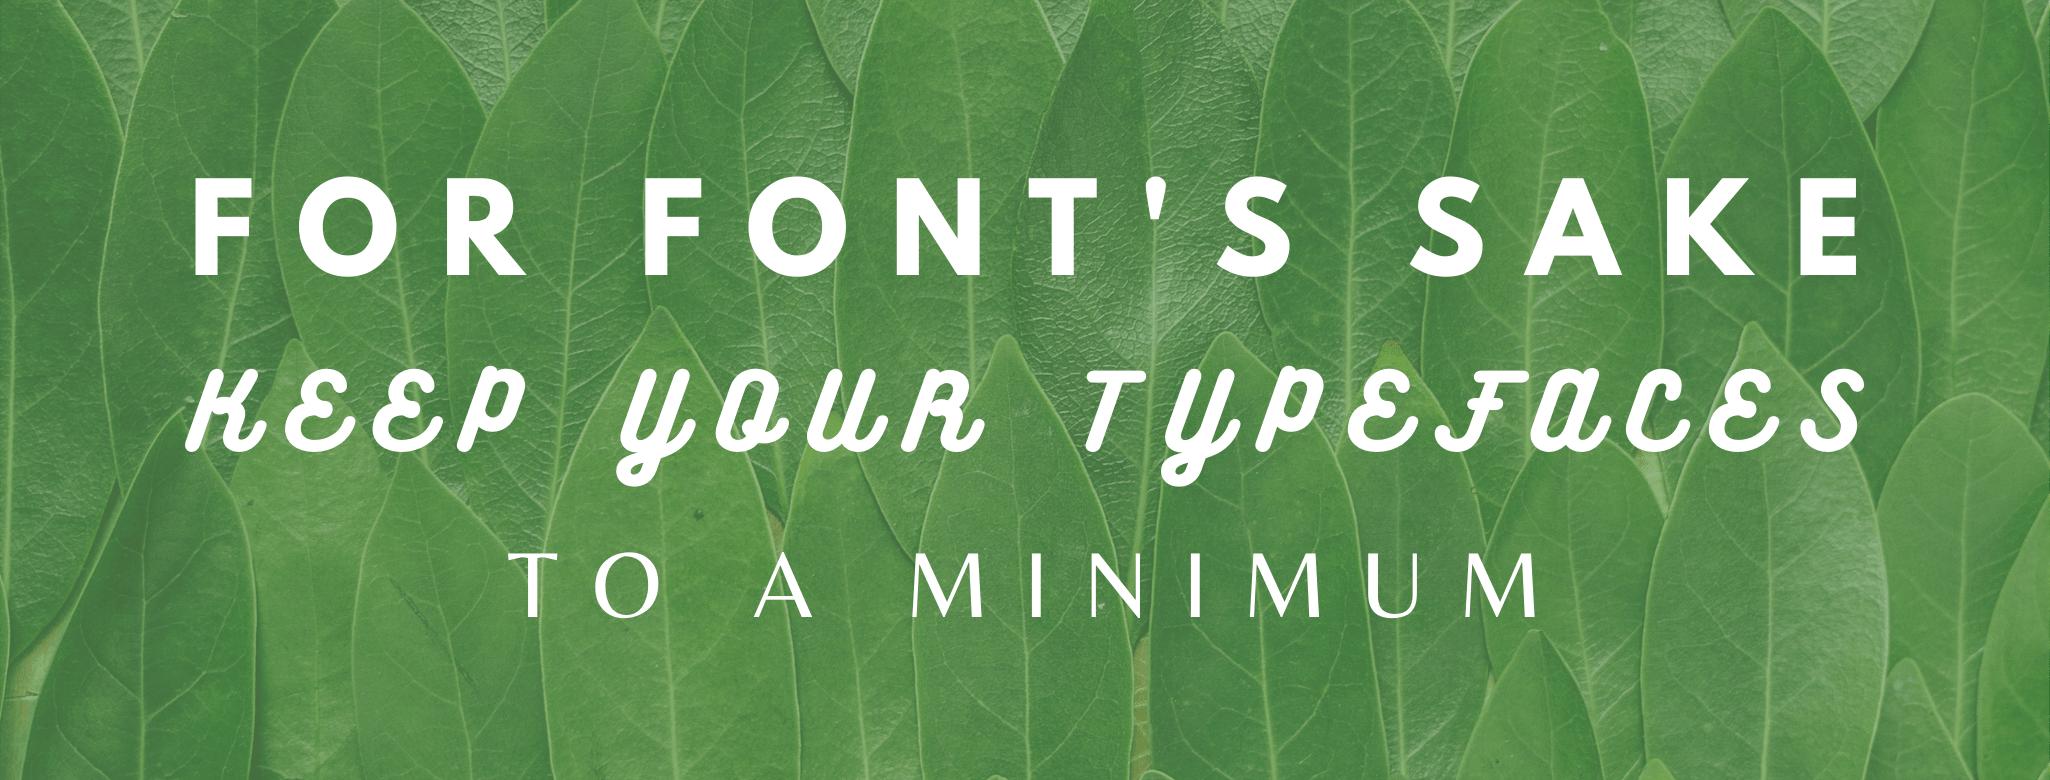 For Font's Sake...